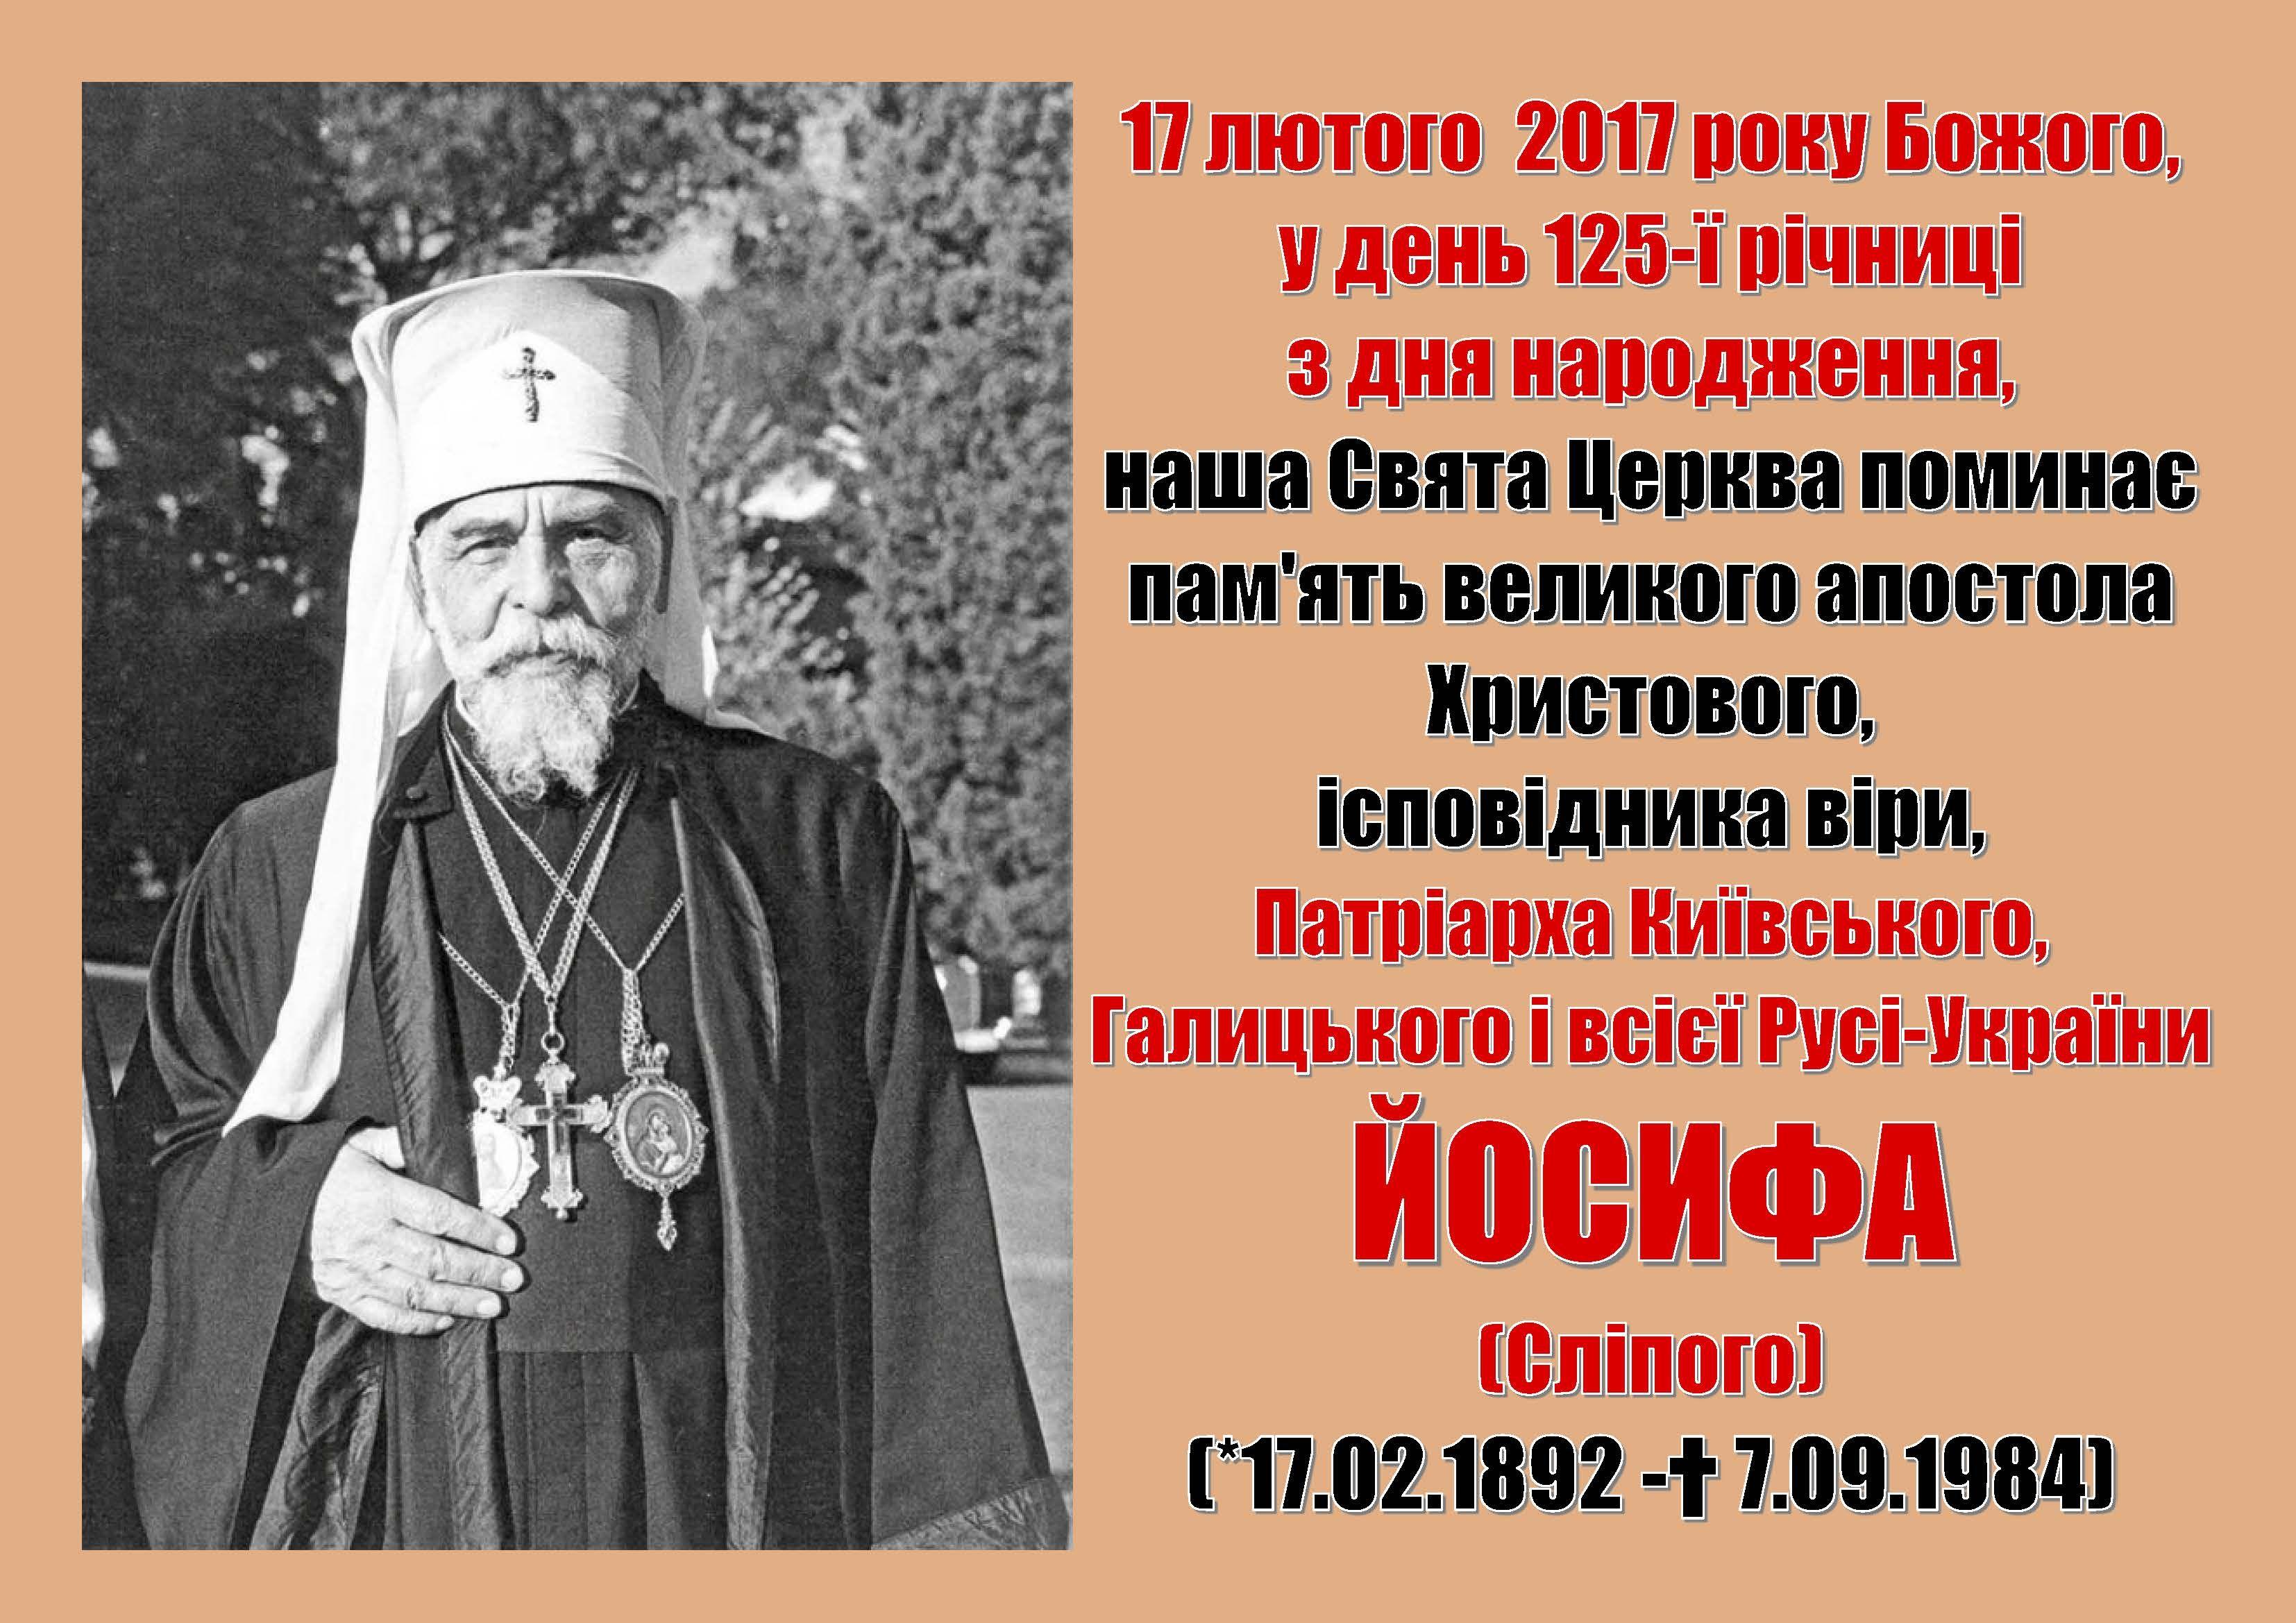 Черпаймо духовну силу з джерела віри та мудрості Патріарха ЙОСИФА!